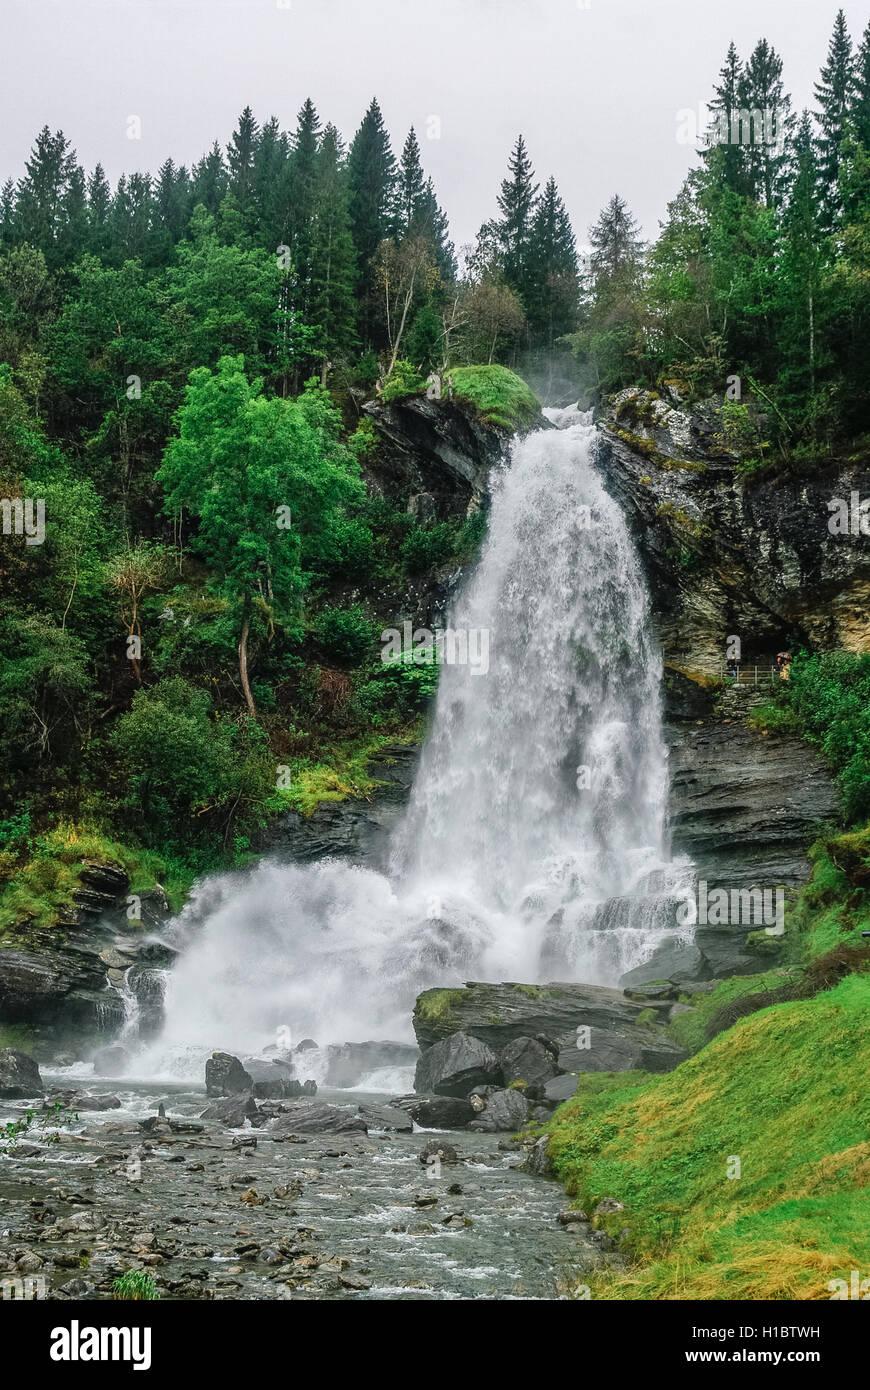 Norwegen, Hordaland Grafschaft. Berühmten Wasserfall Steinsdalsfossen. Skandinavische Natur. Stockbild